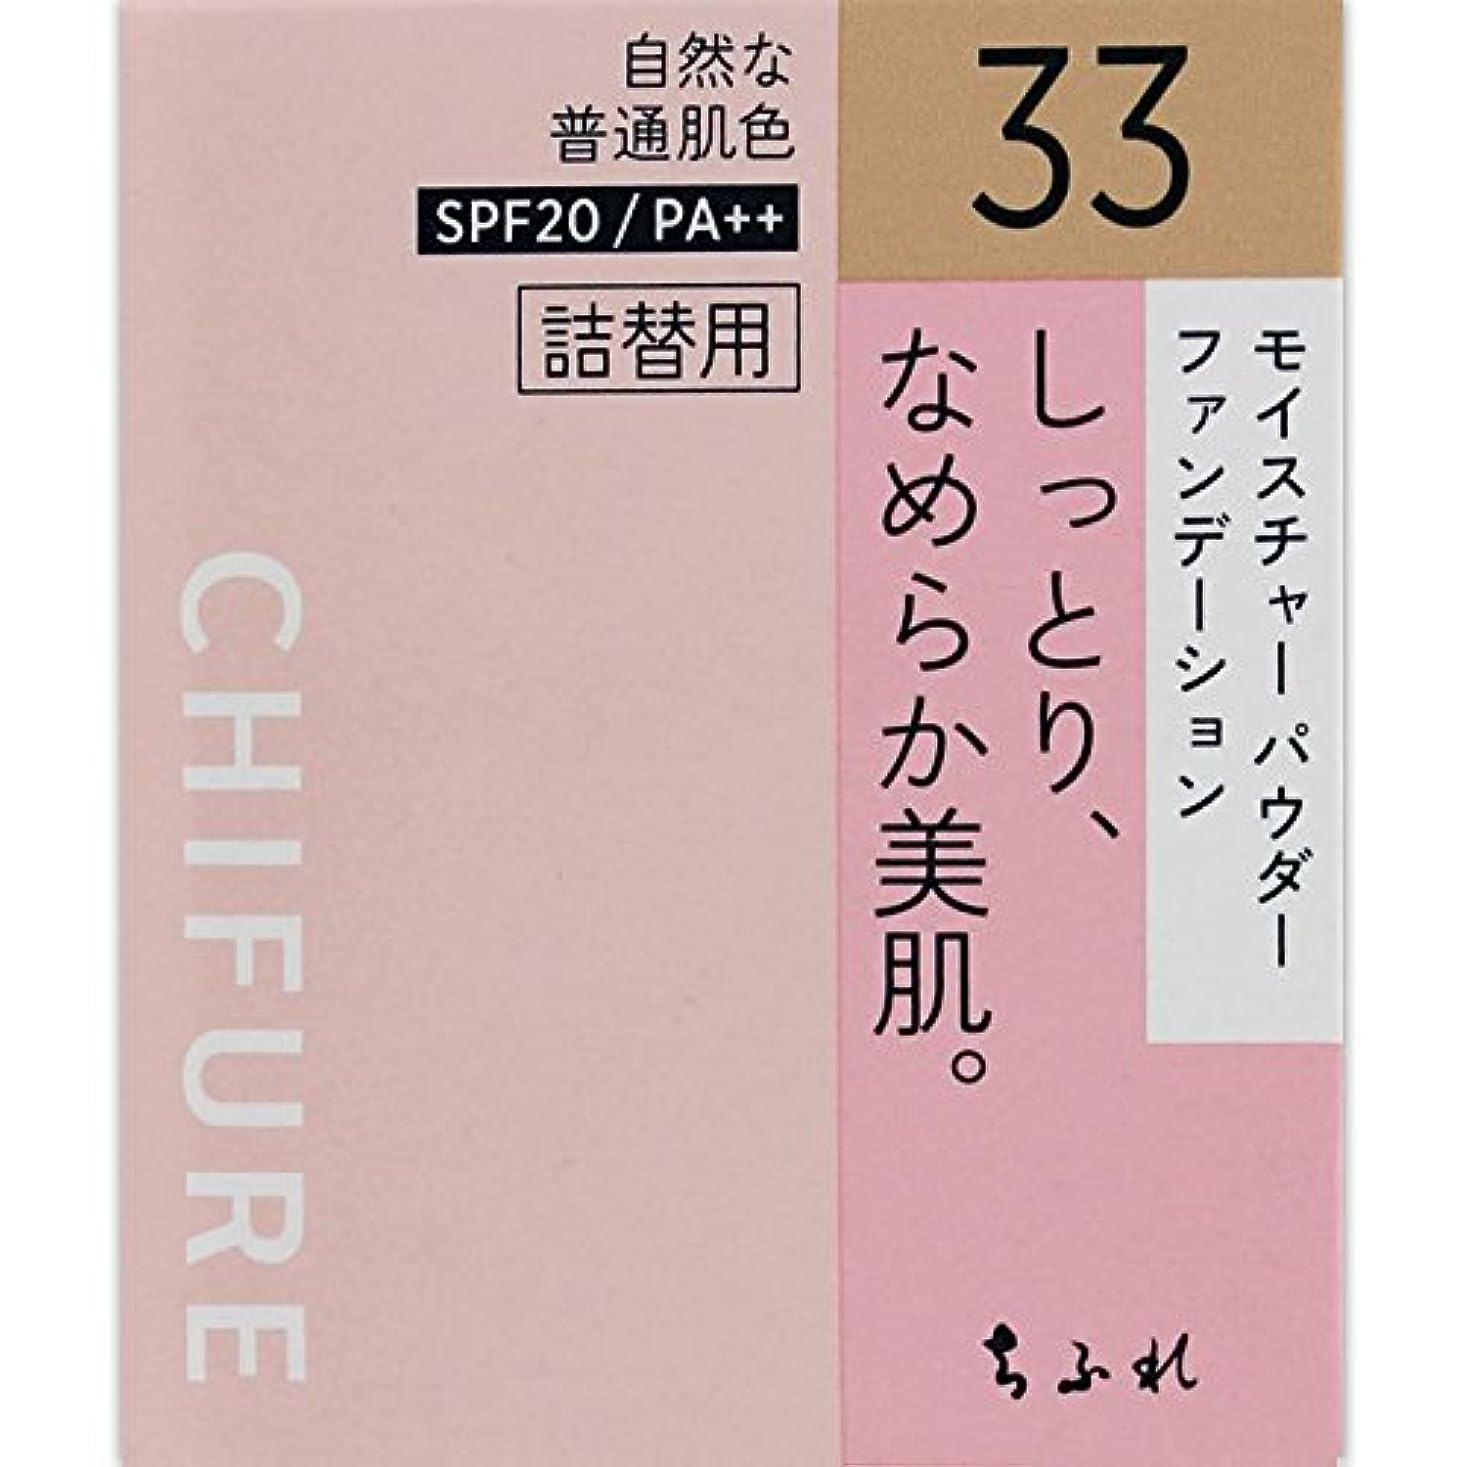 特殊熱帯の被害者ちふれ化粧品 モイスチャー パウダーファンデーション 詰替用 オークル系 MパウダーFD詰替用33